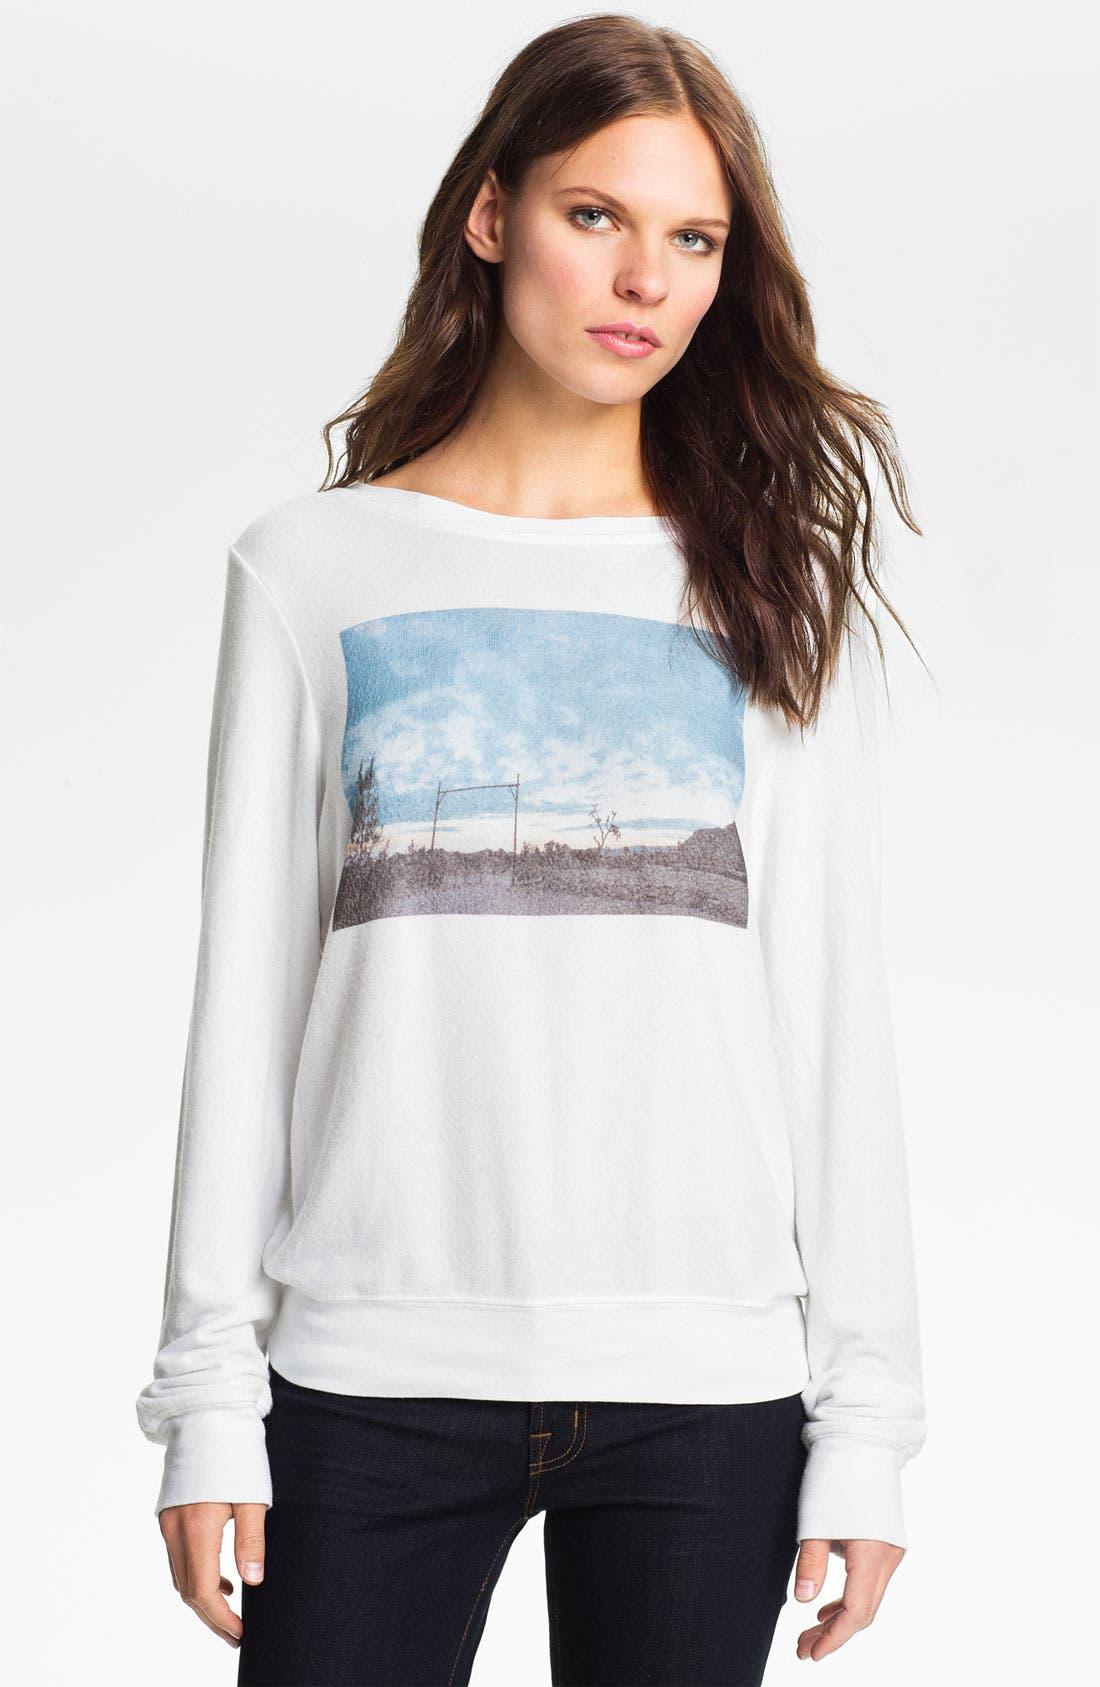 Main Image - Wildfox 'Camp Nowhere' Graphic Sweatshirt